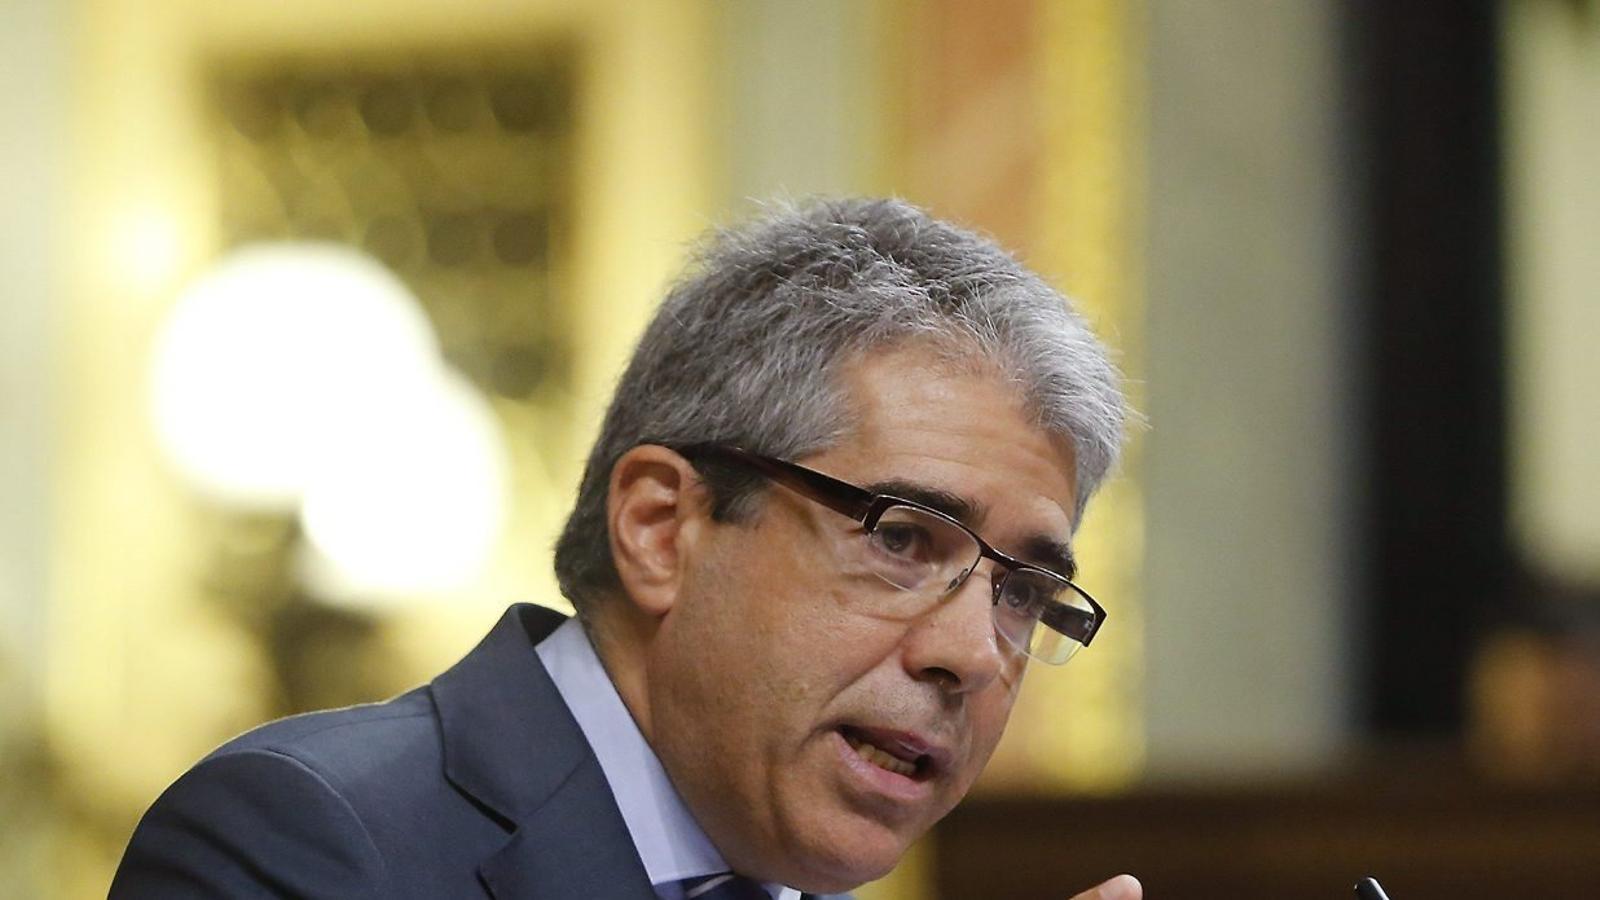 Francesc Homs durant la seva intervenció  en el debat d'ahir al Congrés. / MARISCAL / EFE